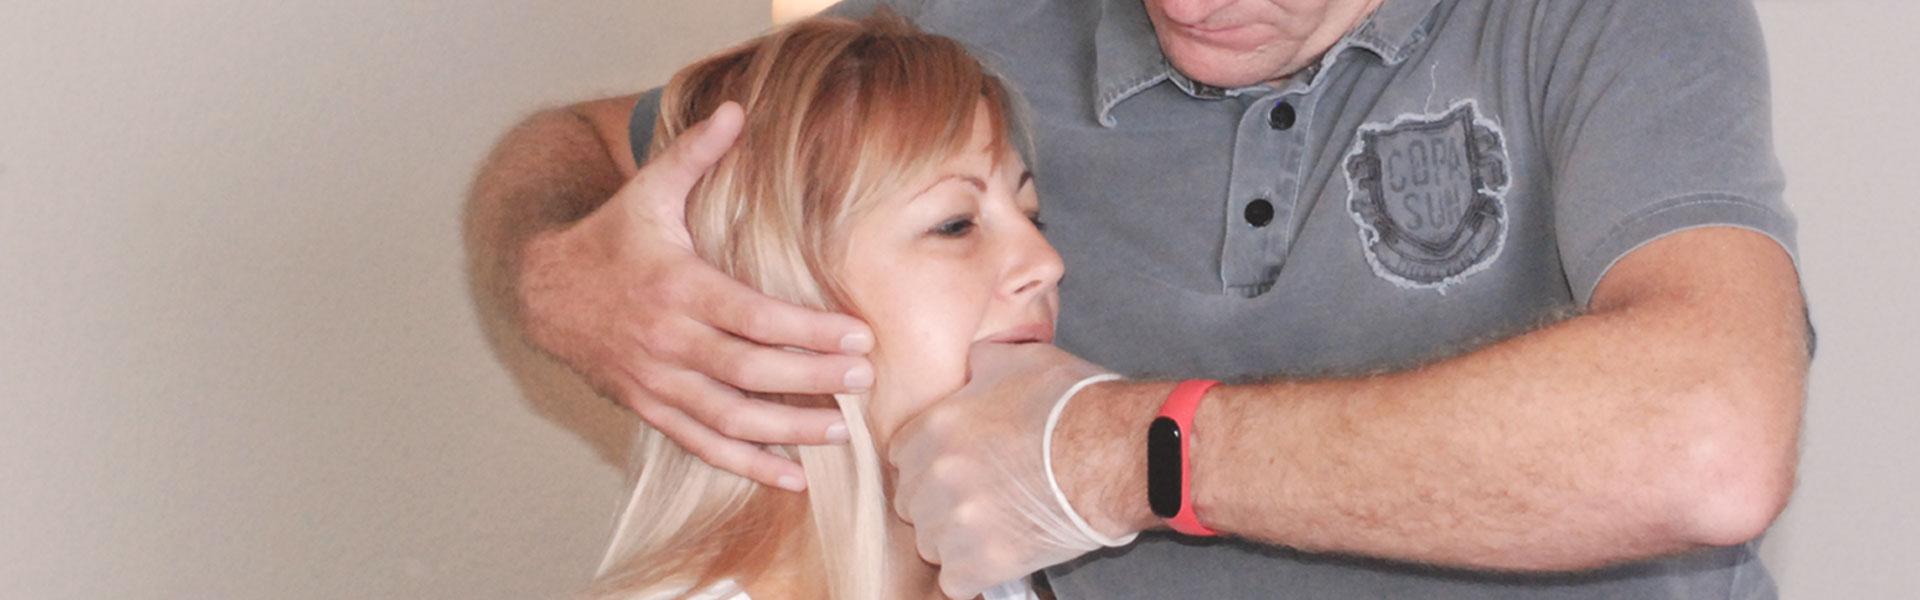 Kieferorthopädische Behandlung - Praxis für Physiotherapie Bucelski - Schwabach